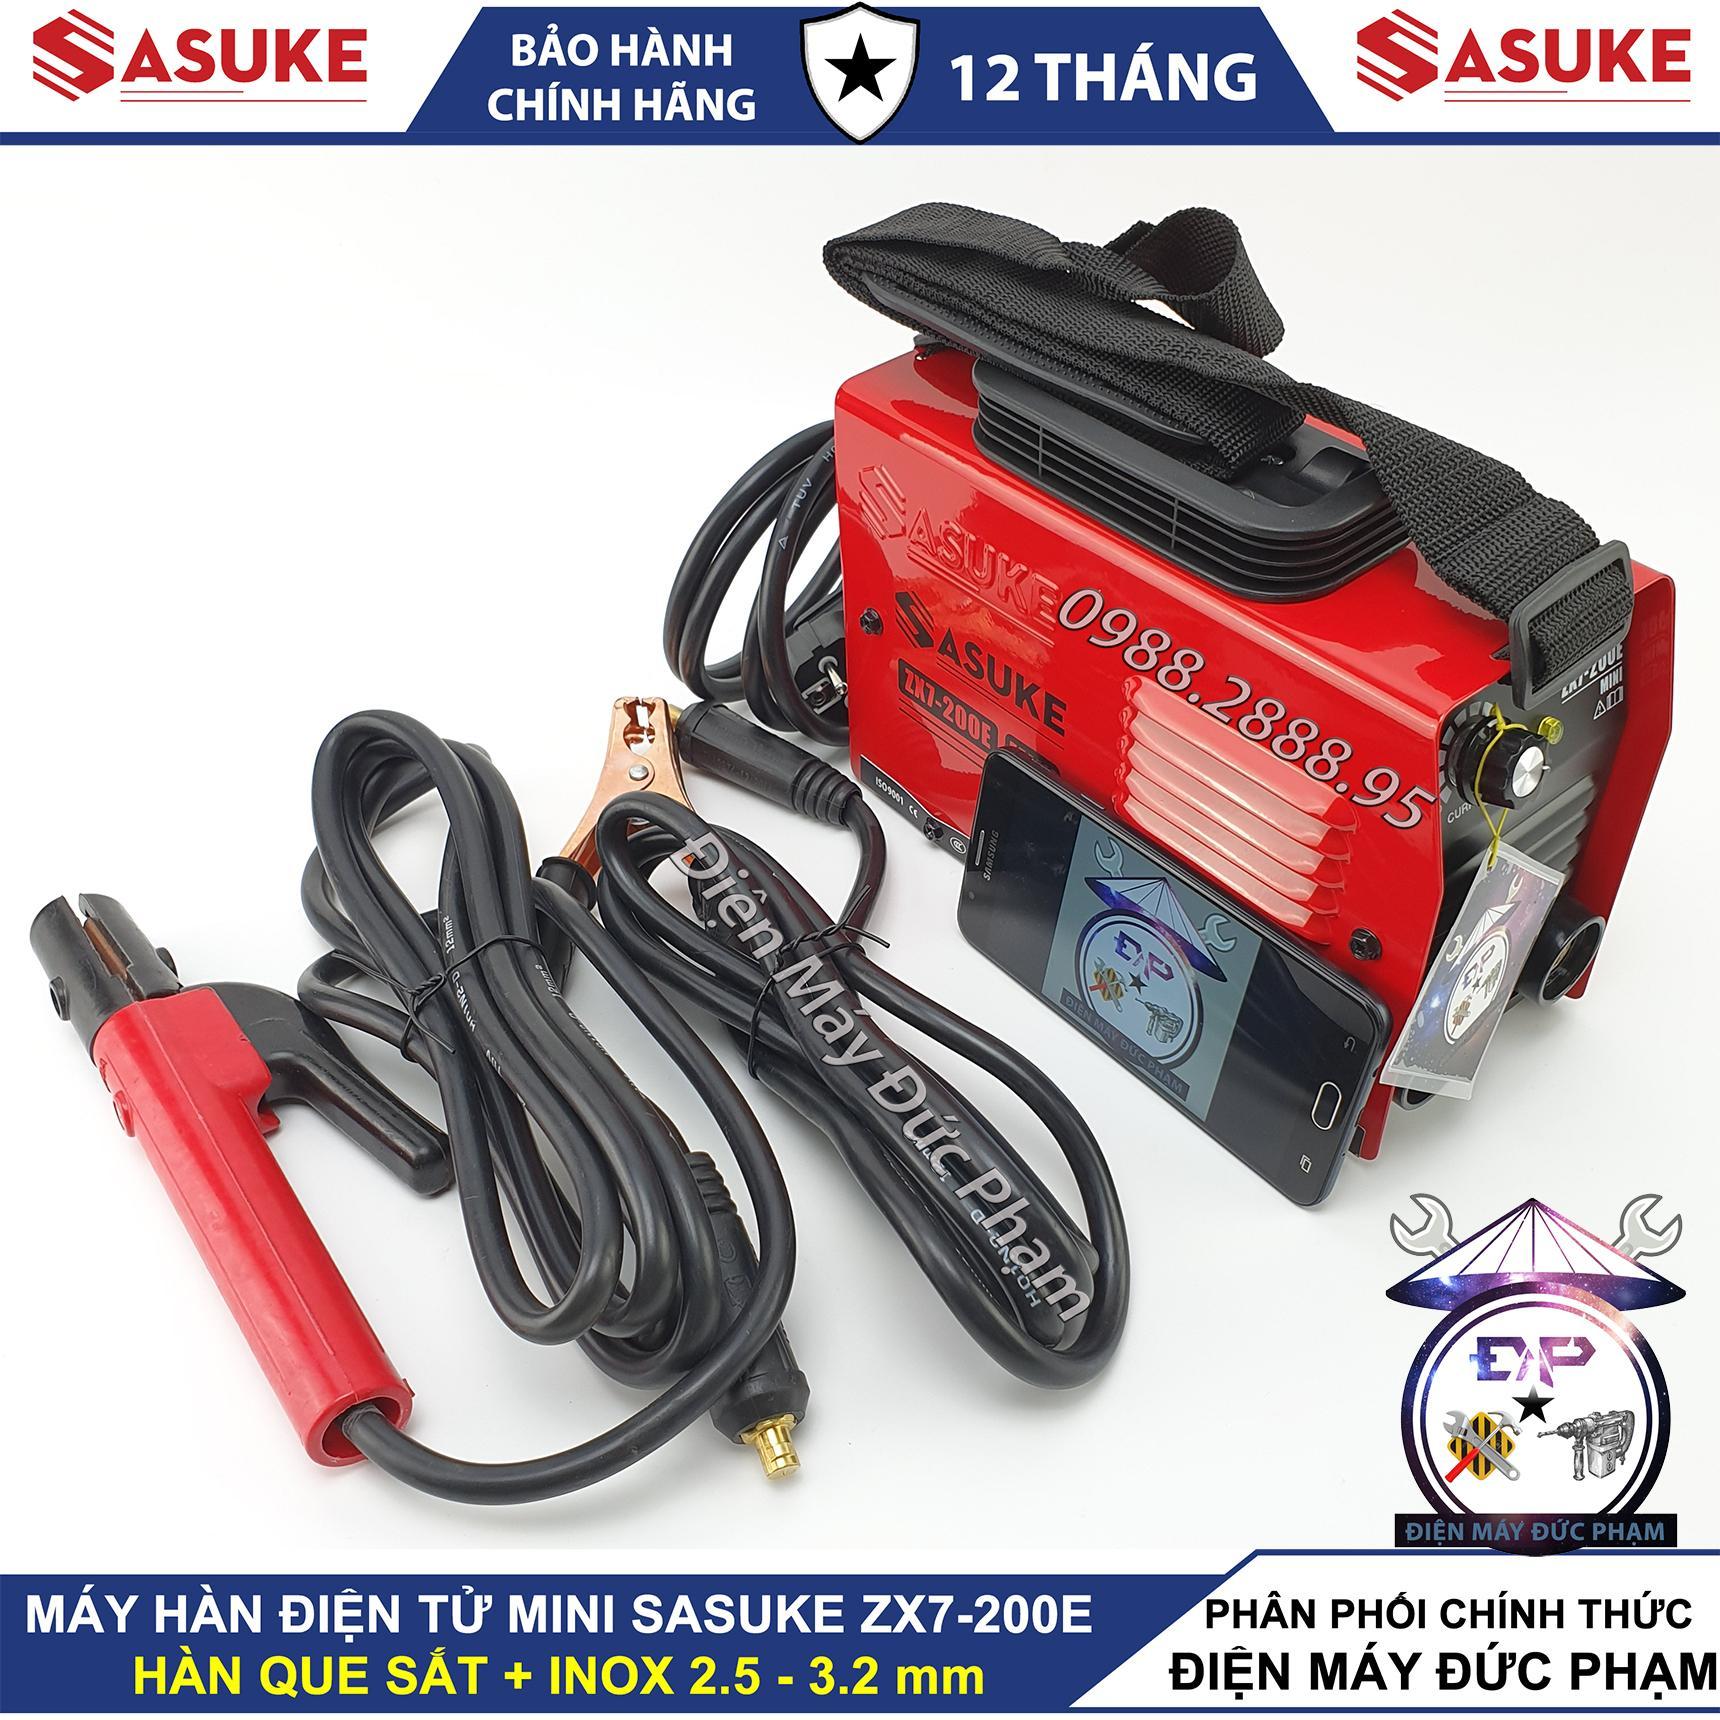 Máy hàn mini Sasuke ZX7-200E - bảo hành 12 tháng ,máy hàn que 200A , máy hàn điện tử , máy hàn mini gia đình